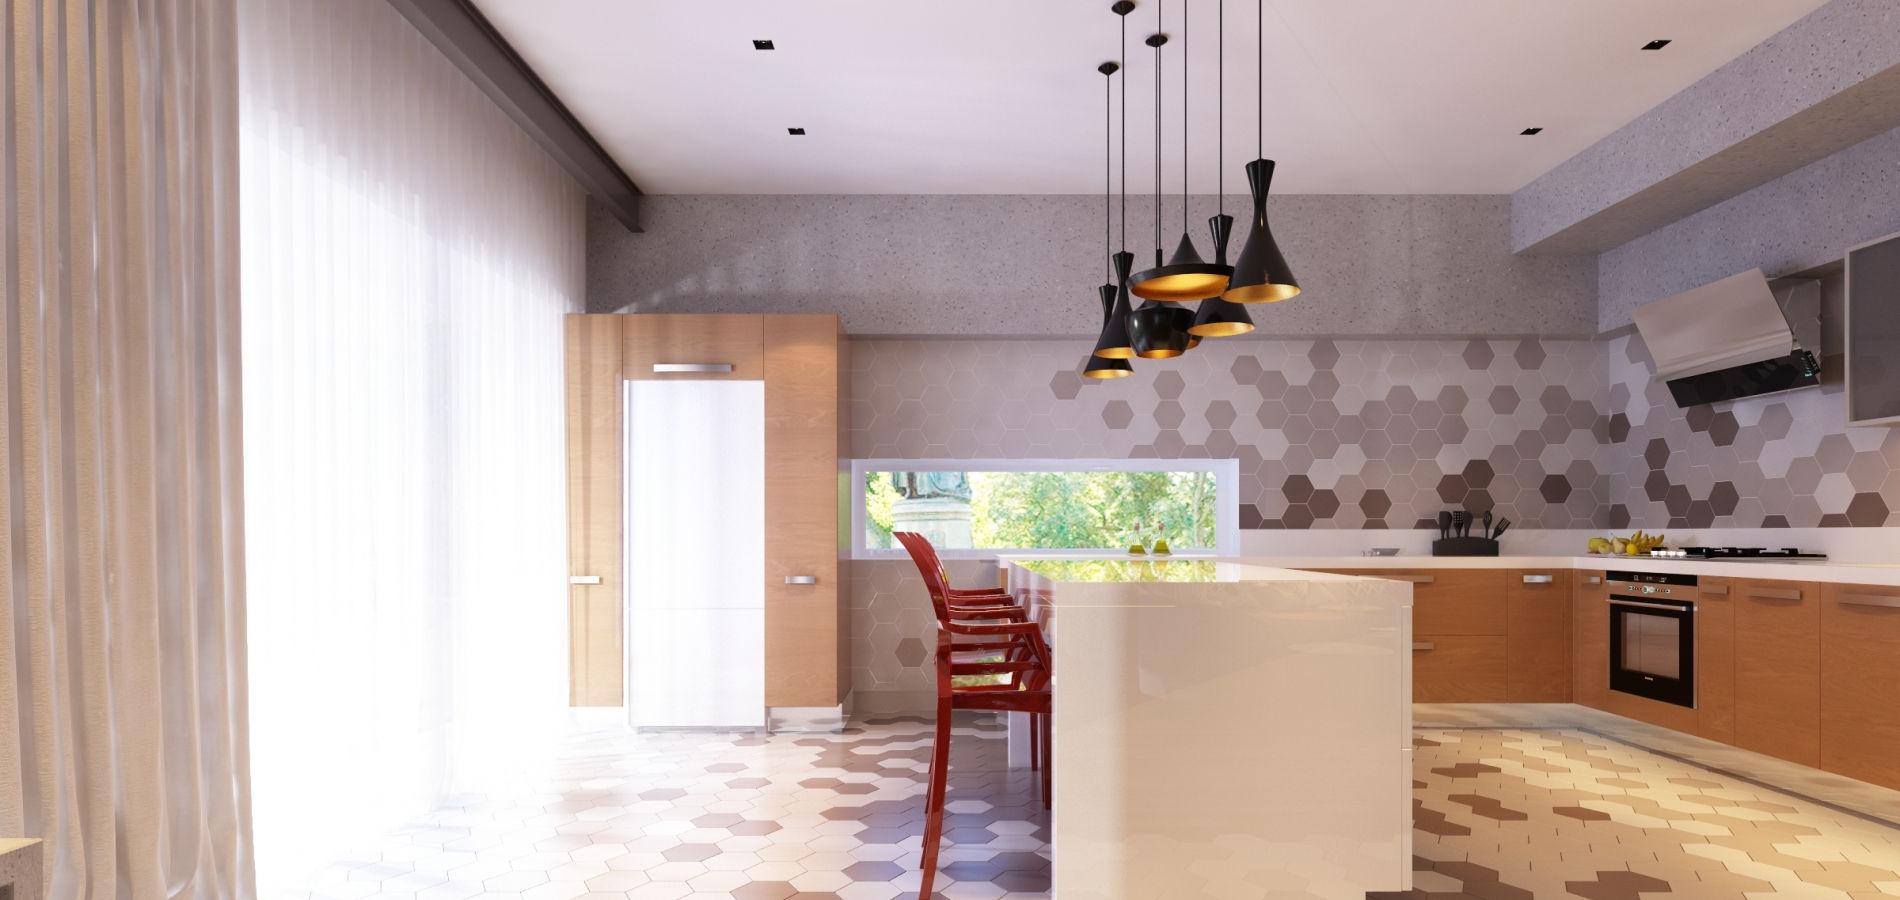 Кухня студія в сучасному дизайні H_410